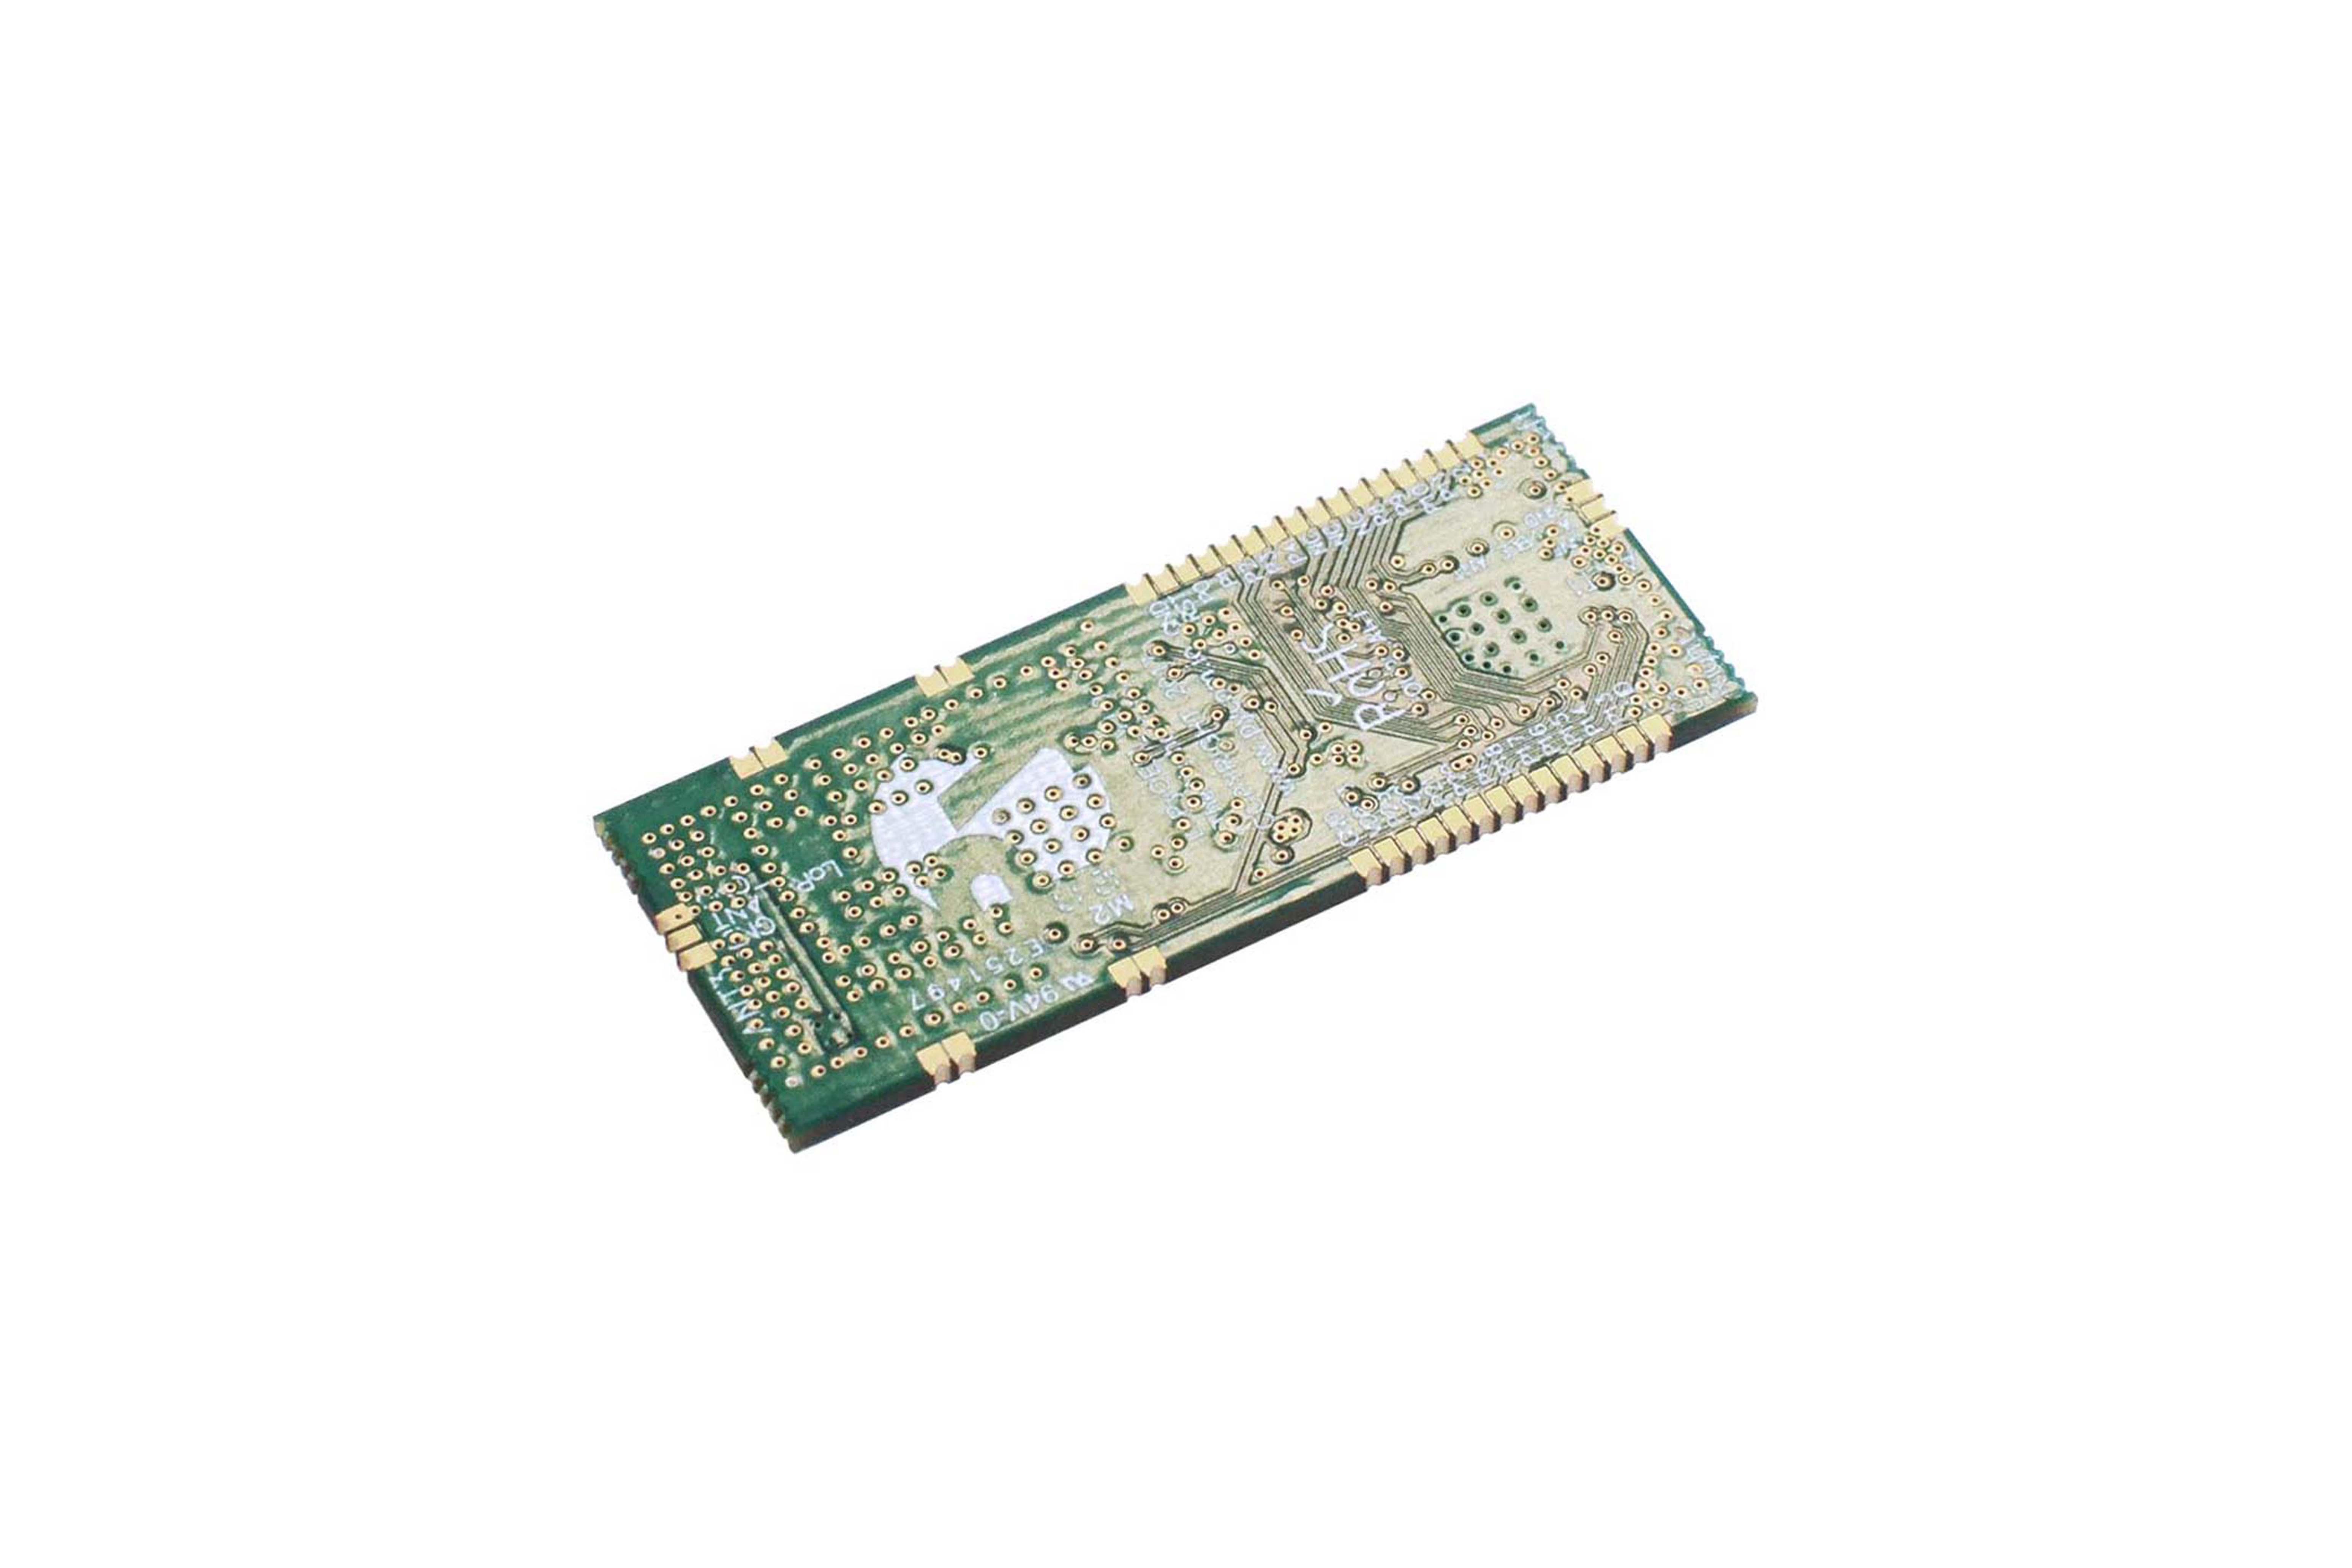 Modulo PyCom L01 LoPy SoC LoRa WiFi BLE